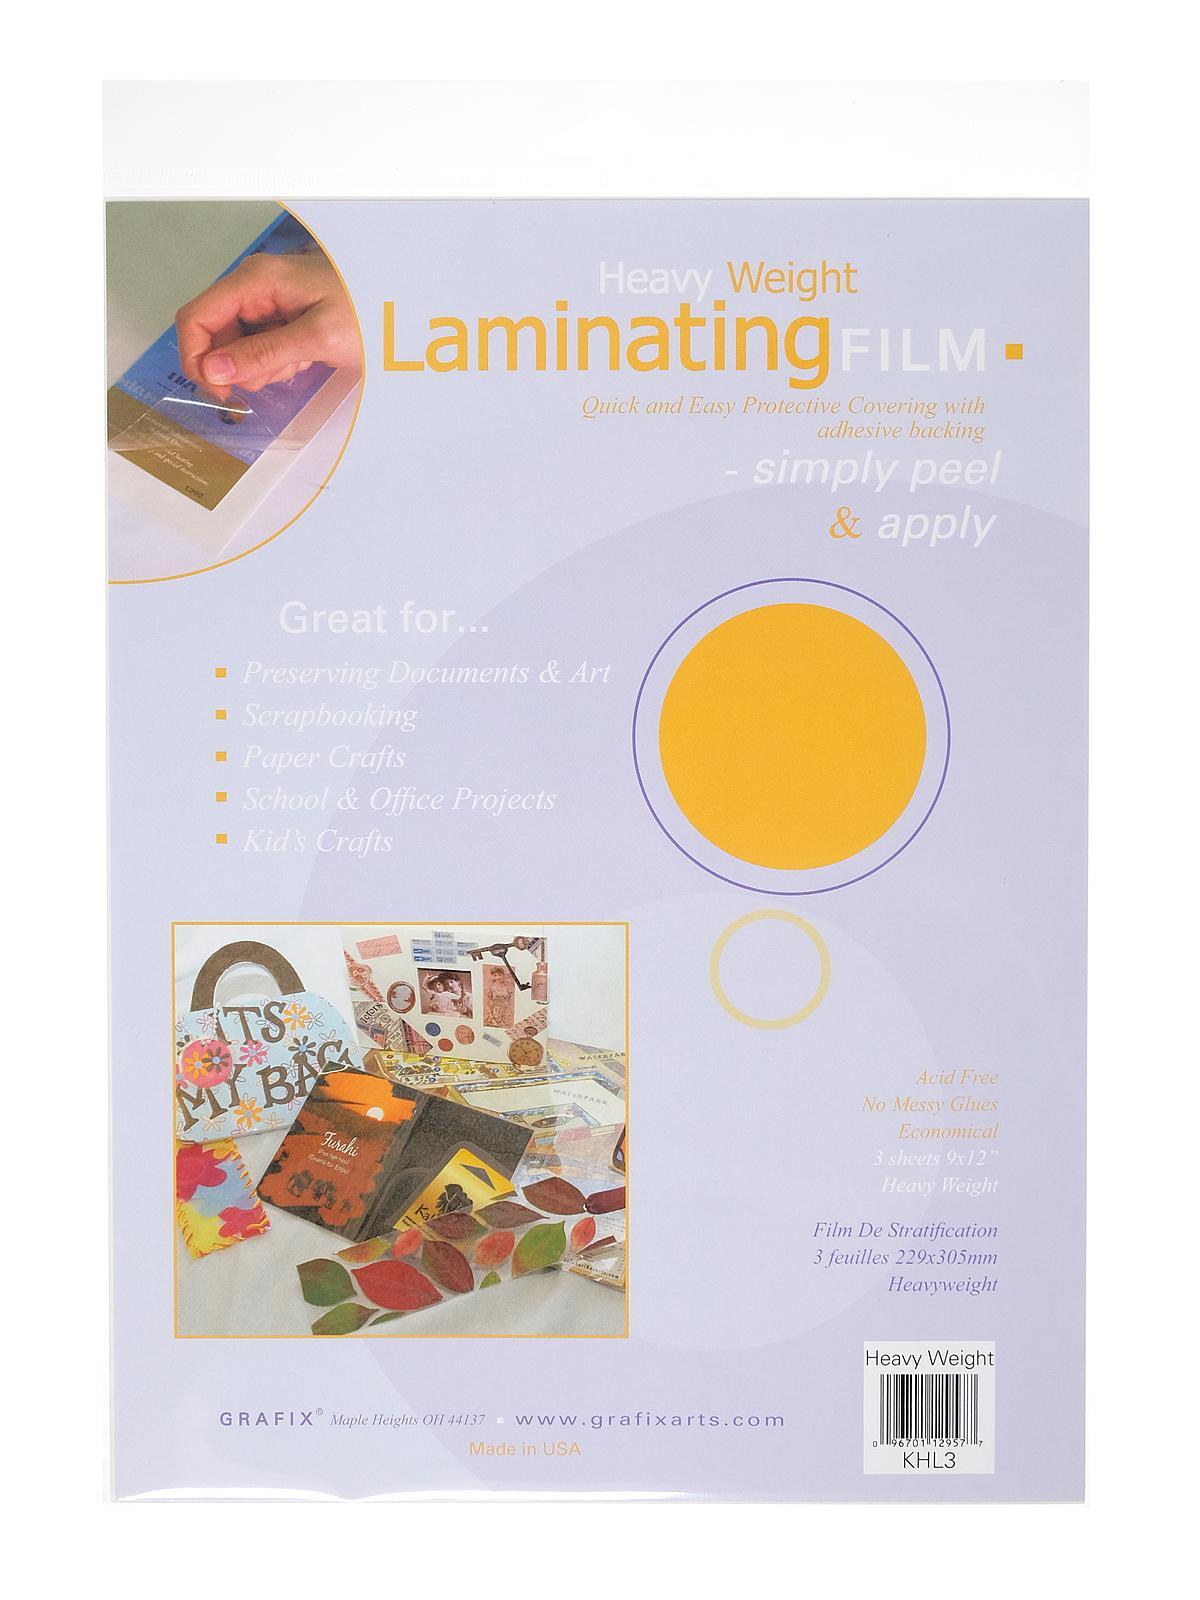 Laminating Film